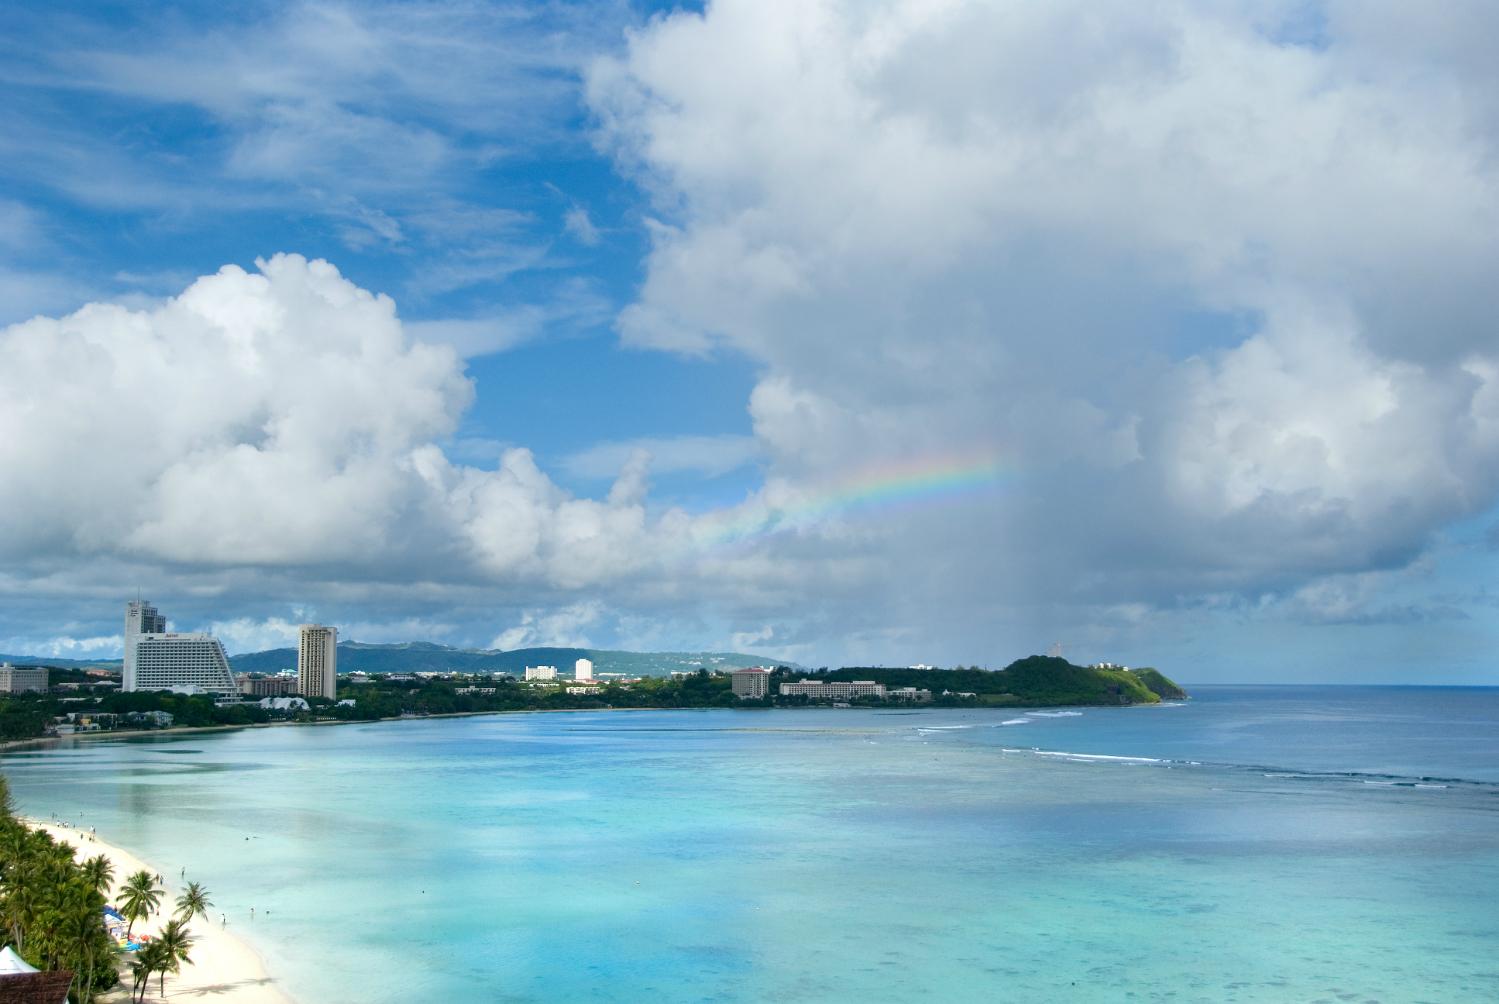 괌 PIC 5일